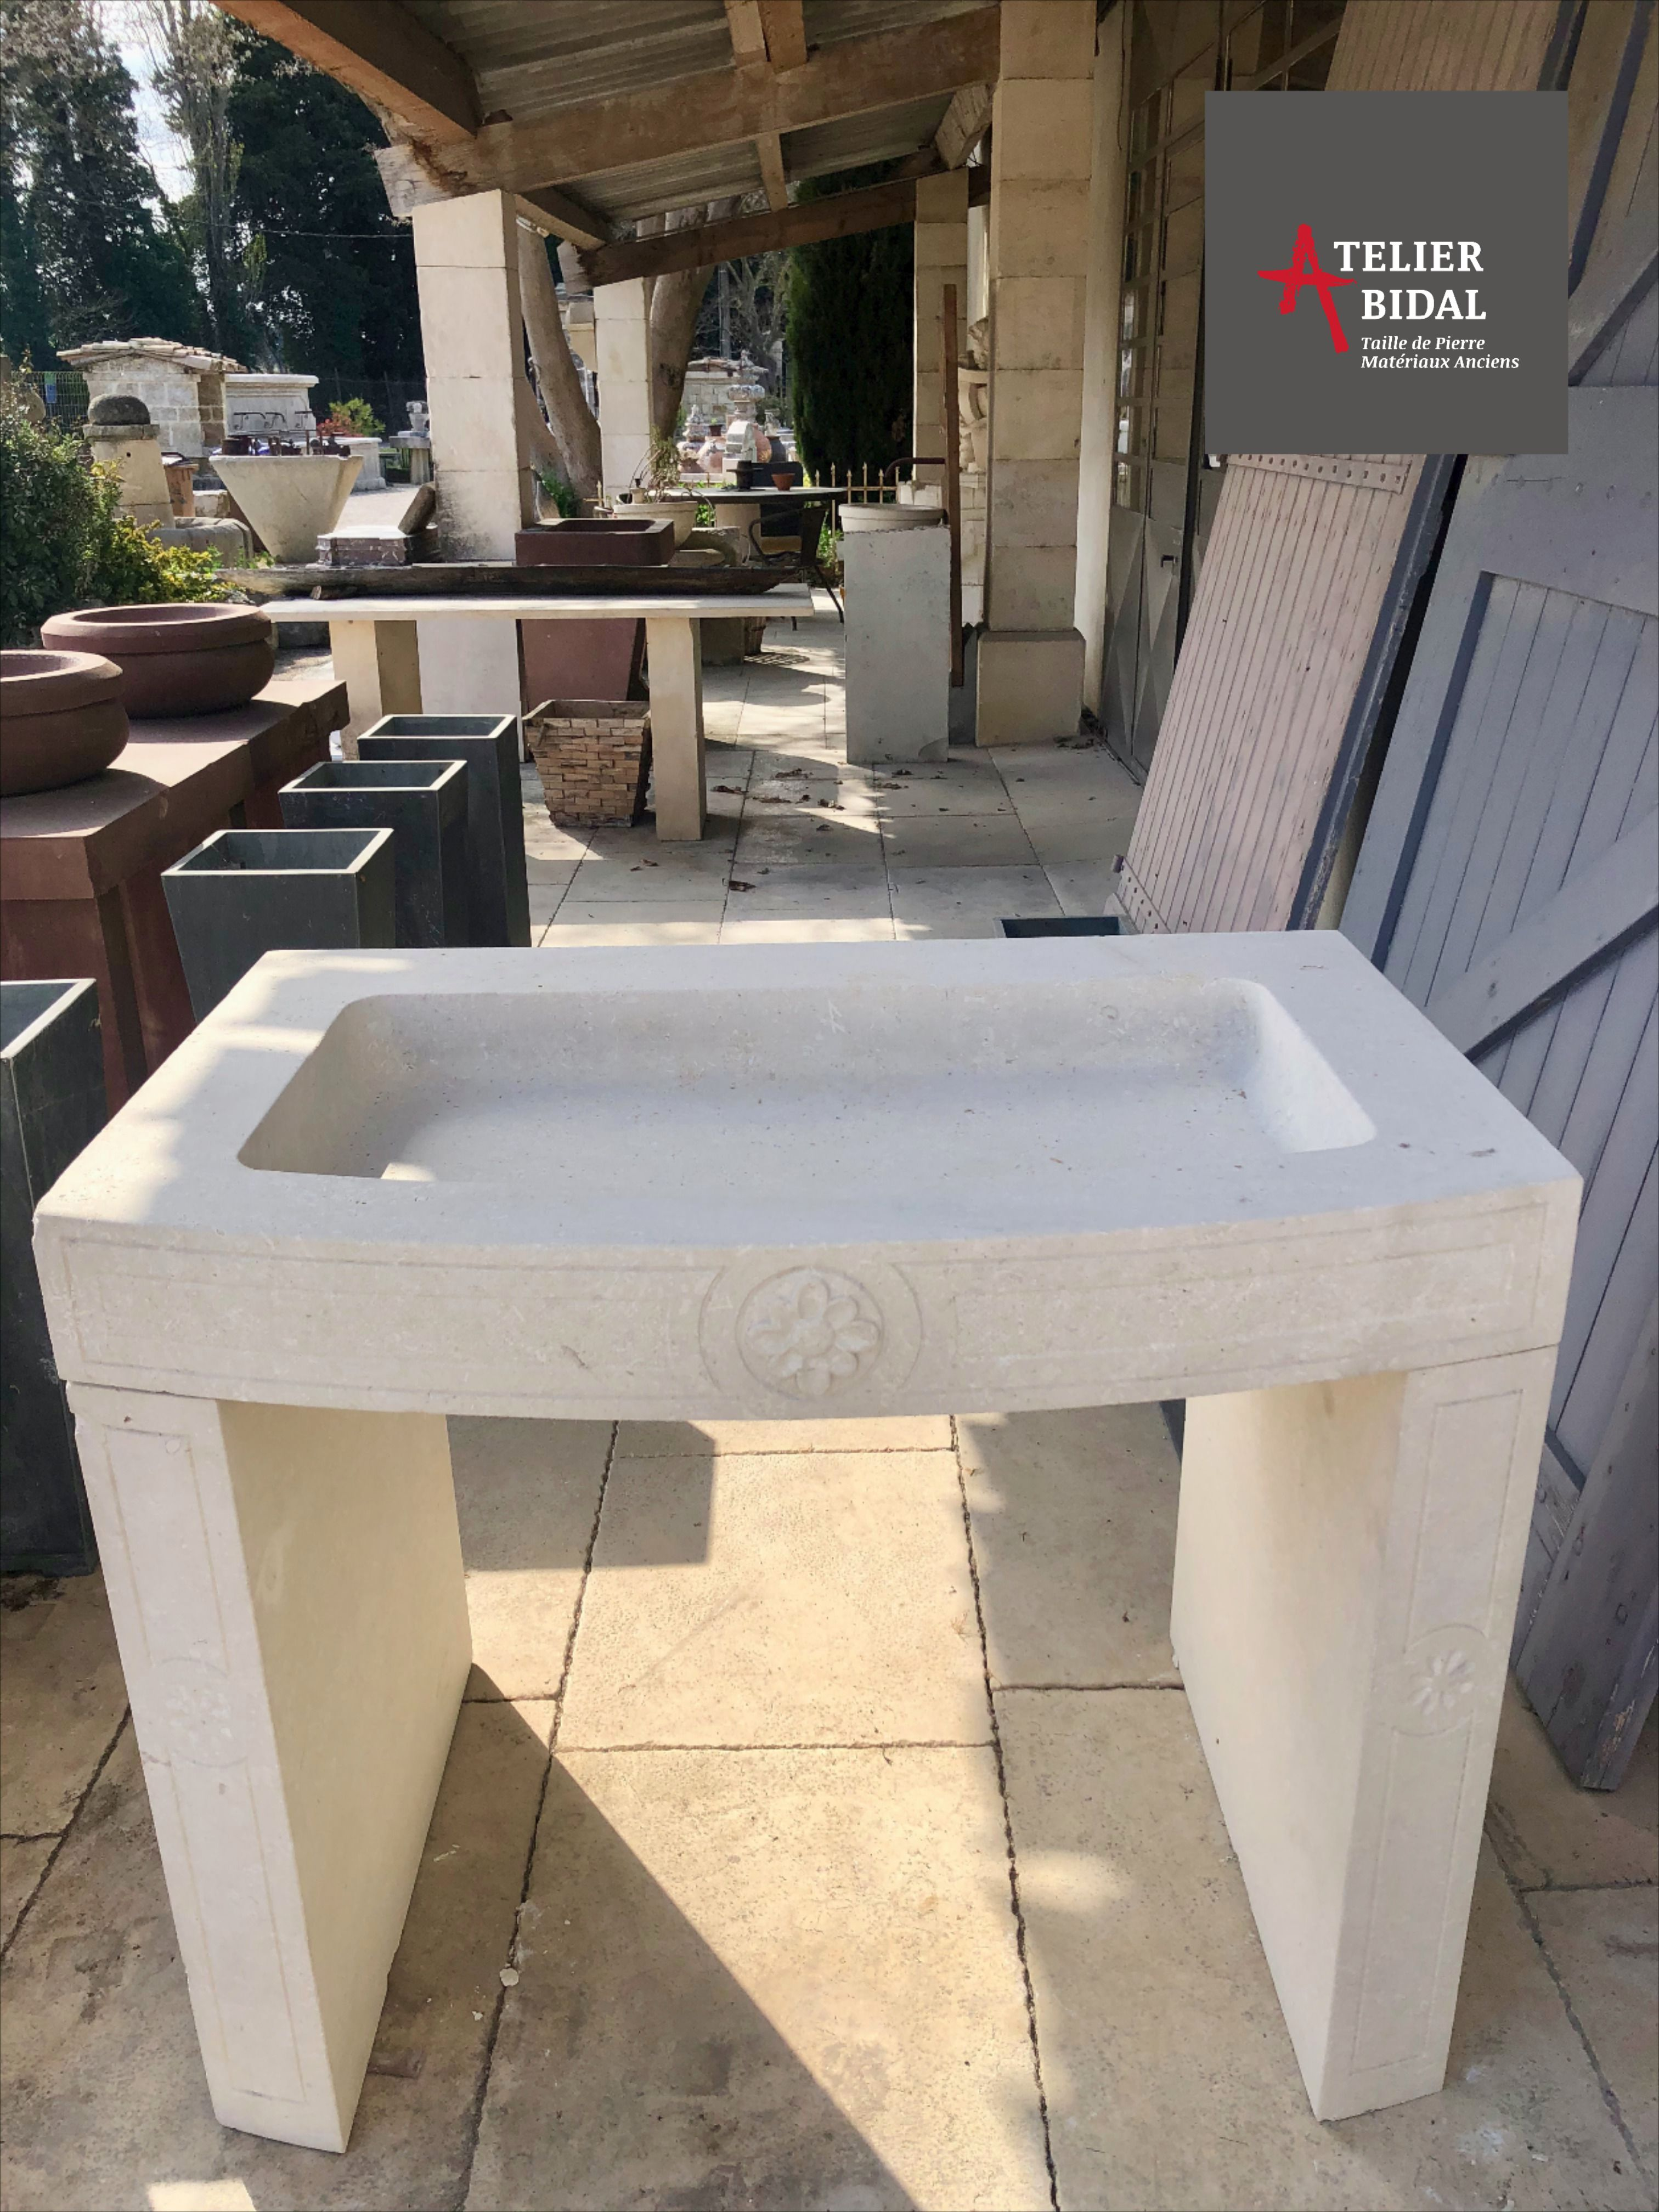 Epingle Sur Eviers Et Vasques En Pierre